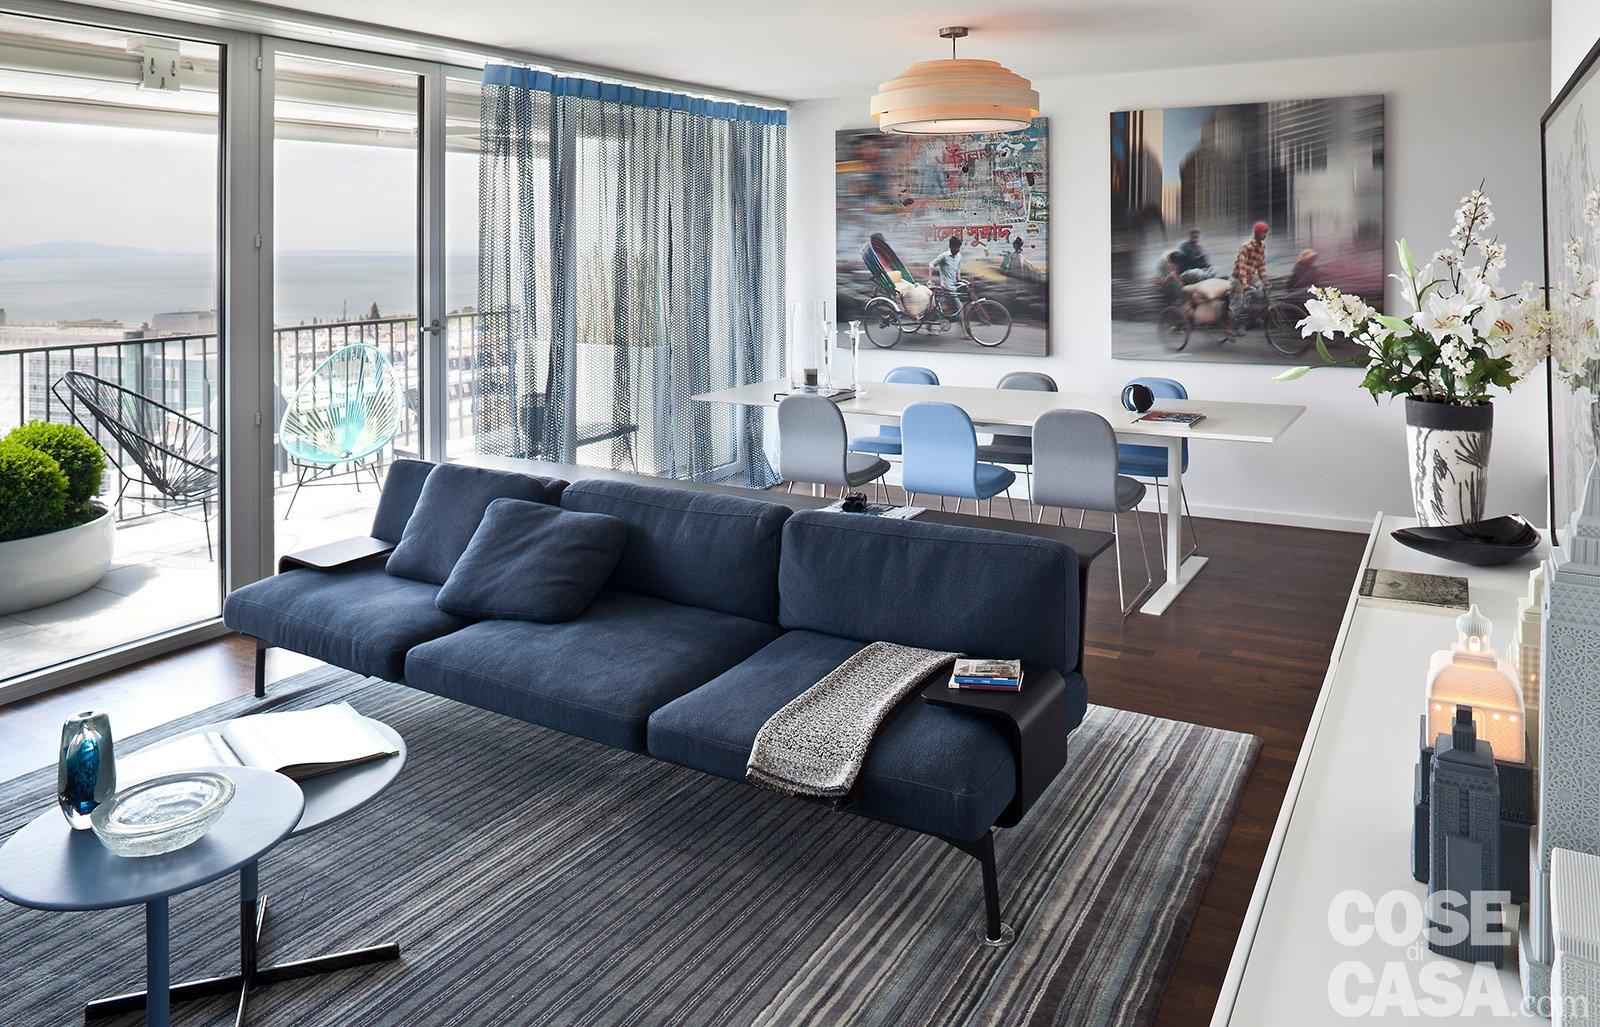 Maxi bilocale con terrazzo perfetto per due cose di casa - Tinte per pareti di casa ...